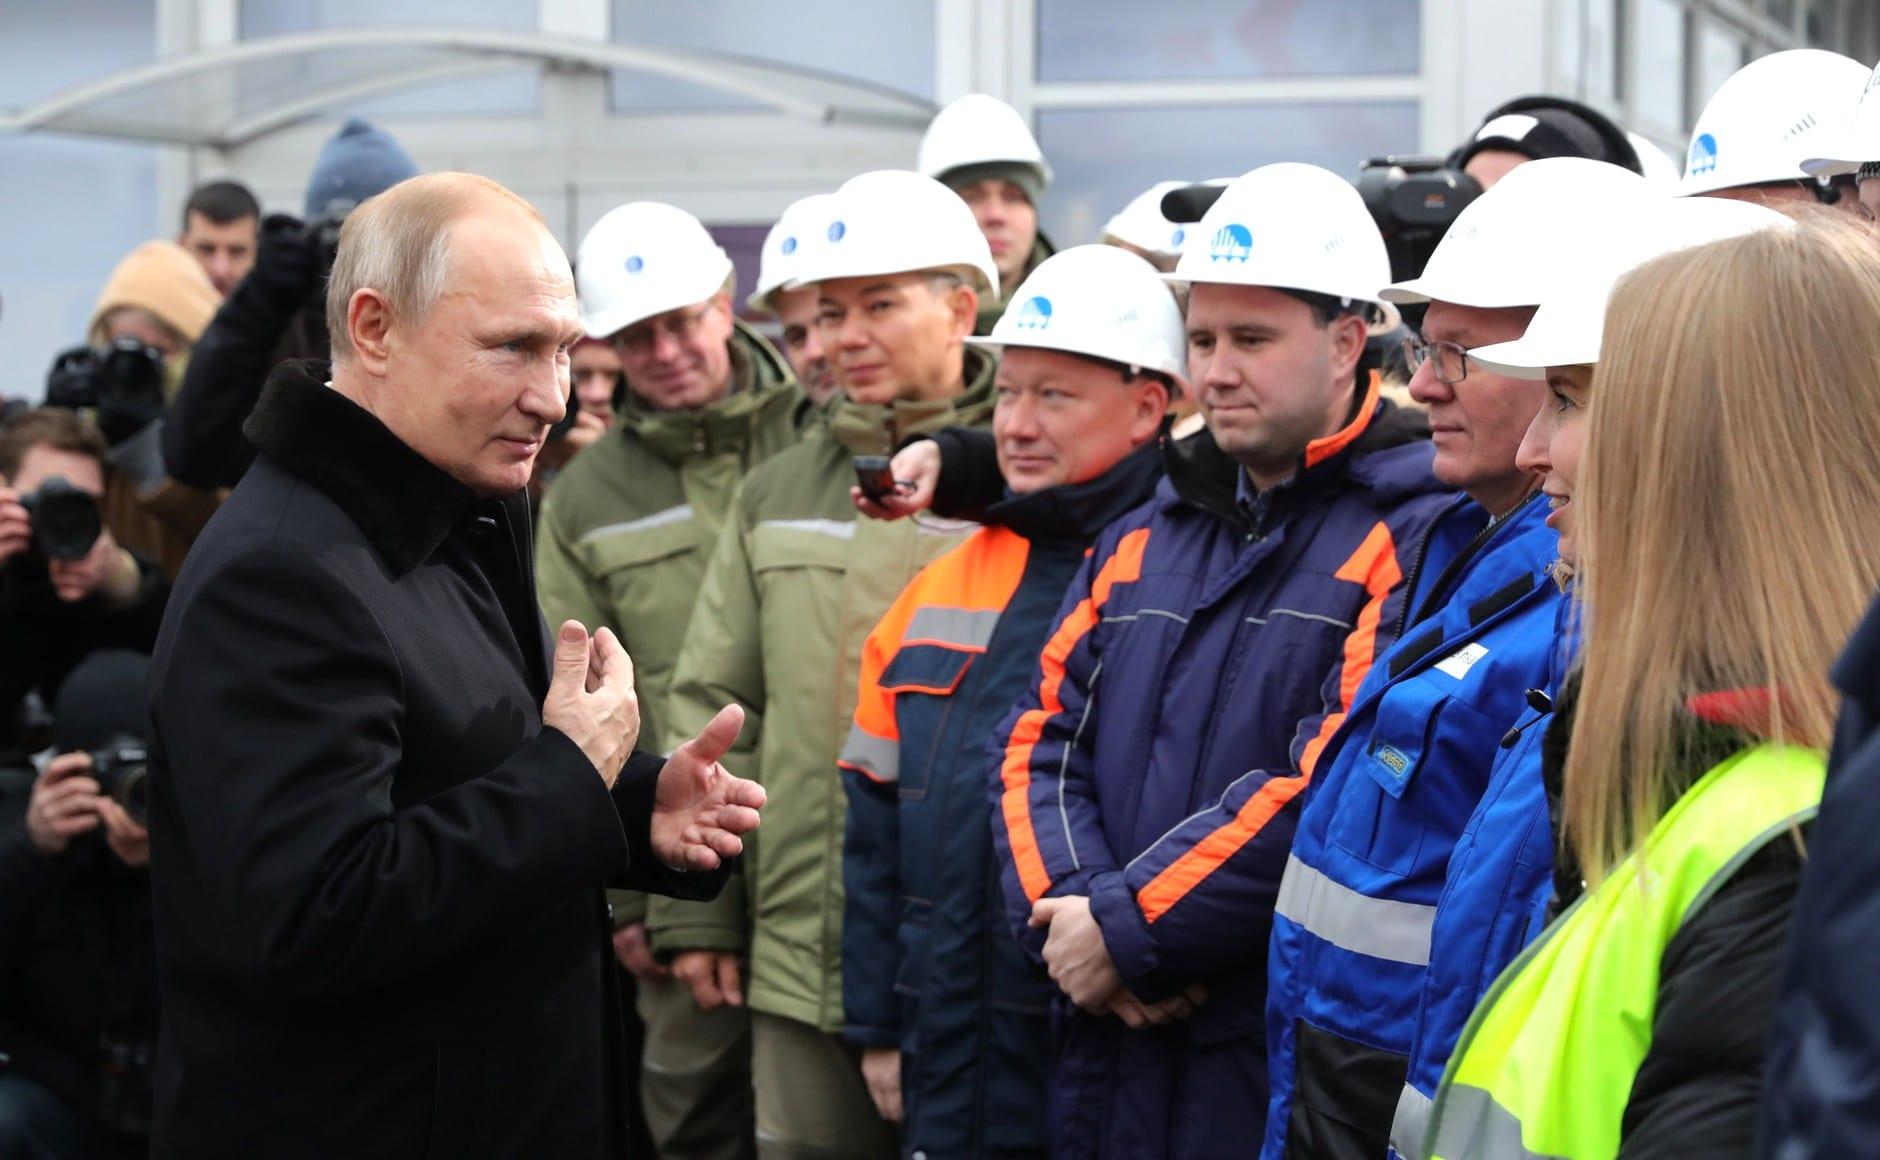 Putyin átadta a Moszkva-Szentpétervár autópályát, amelyet Névára kereszteltek (képek)